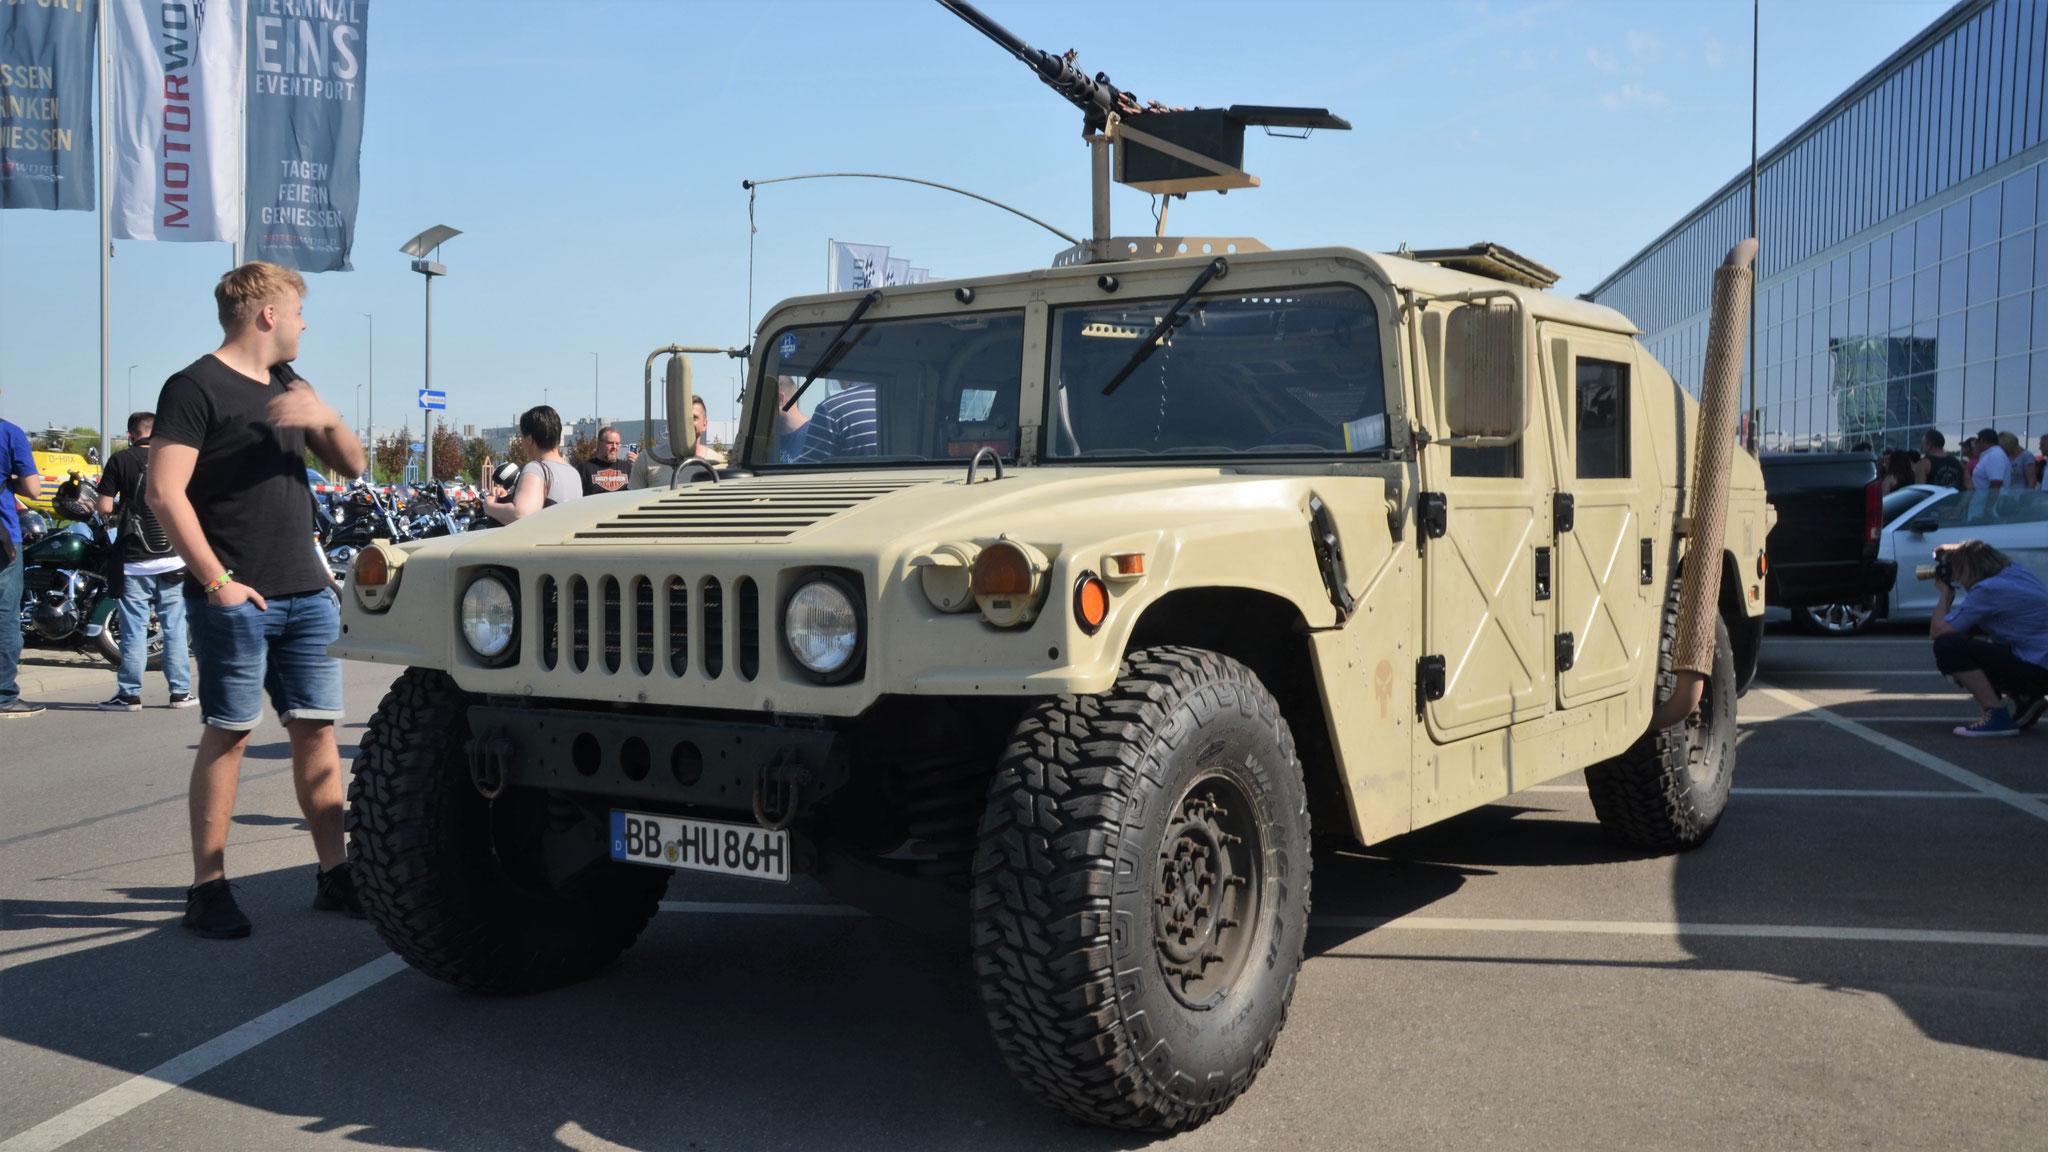 Hummer H1 - BB-HU-86H